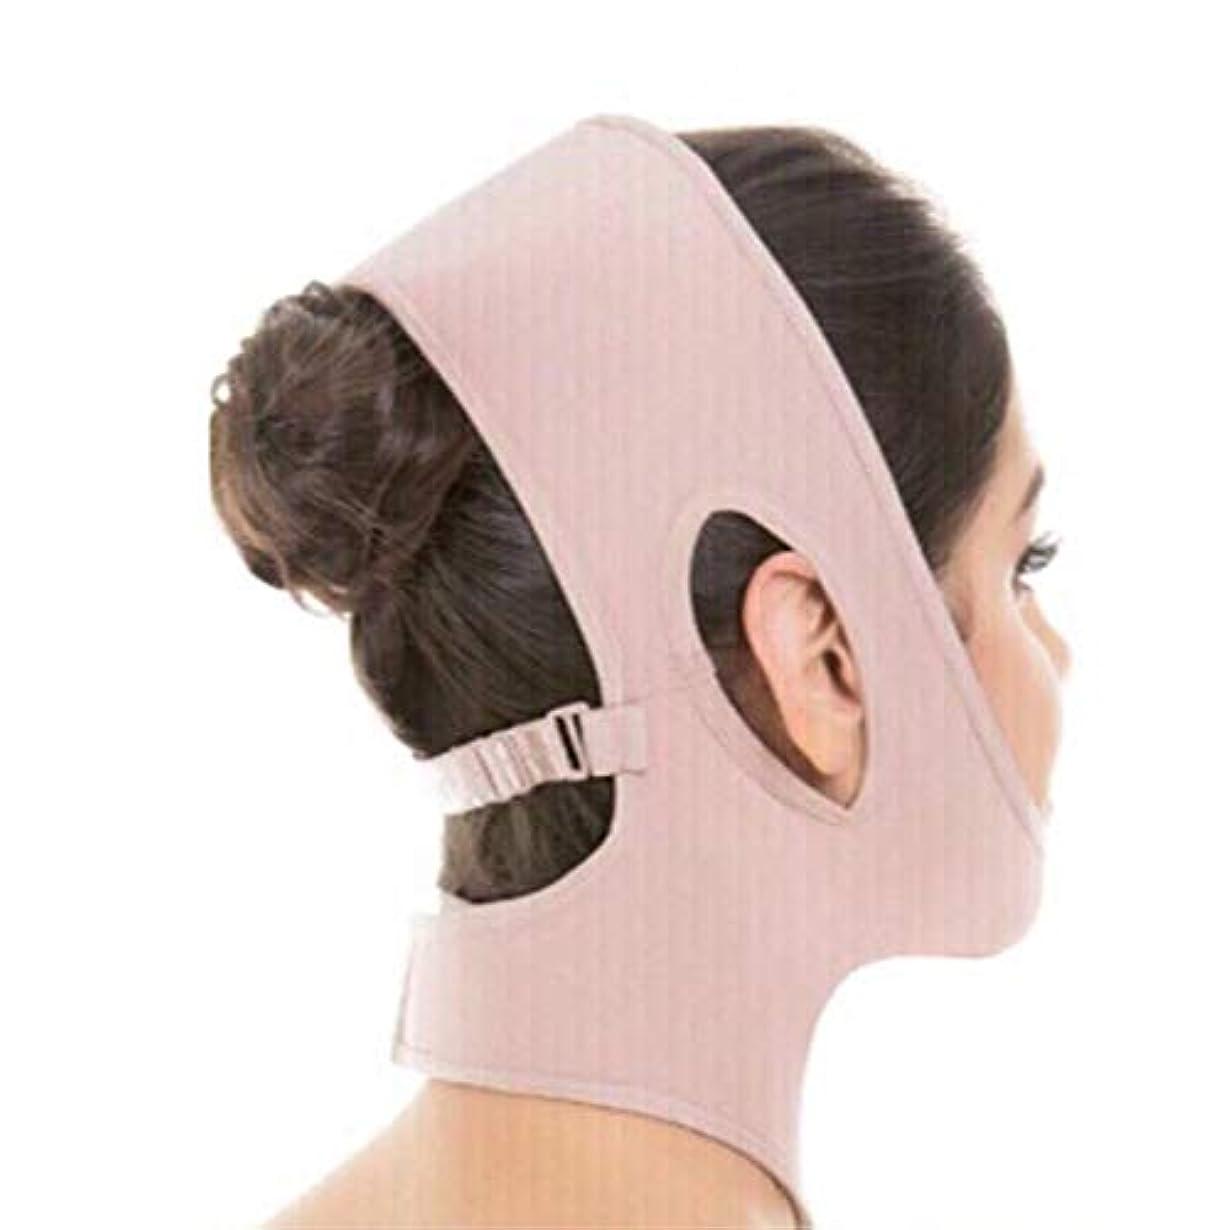 組再撮りすりXHLMRMJ フェイスリフティング包帯、フェイスリフティングマスク、顔の皮膚の首と首を持ち上げる、二重あごを減らすために顔を持ち上げる(ワンサイズフィット) (Color : Khaki)